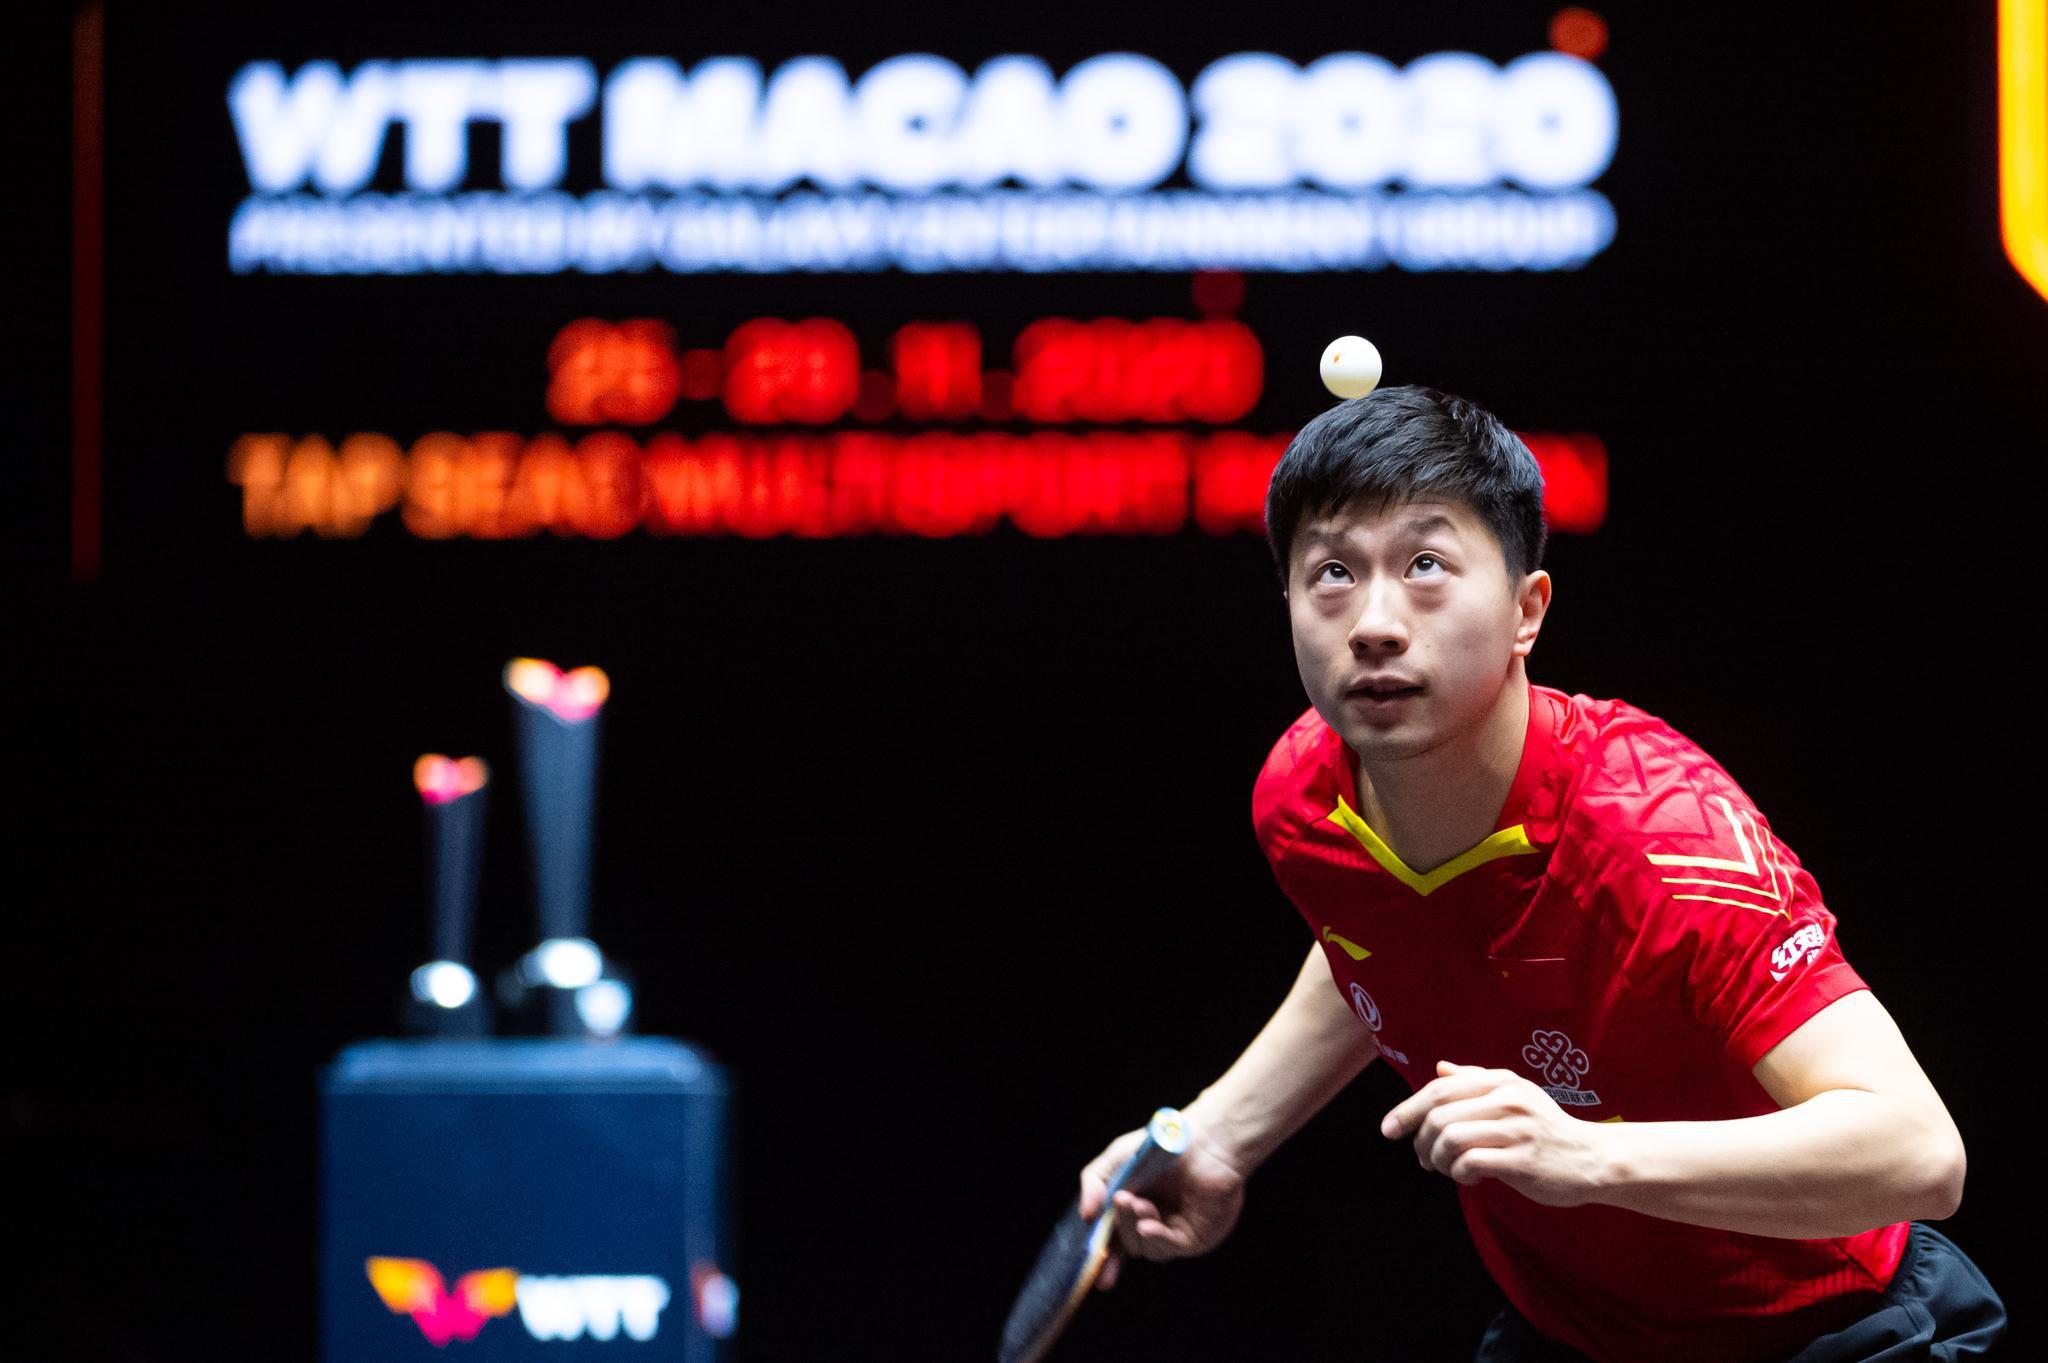 乒乓球 | WTT澳门国际赛:马龙胜郑荣植